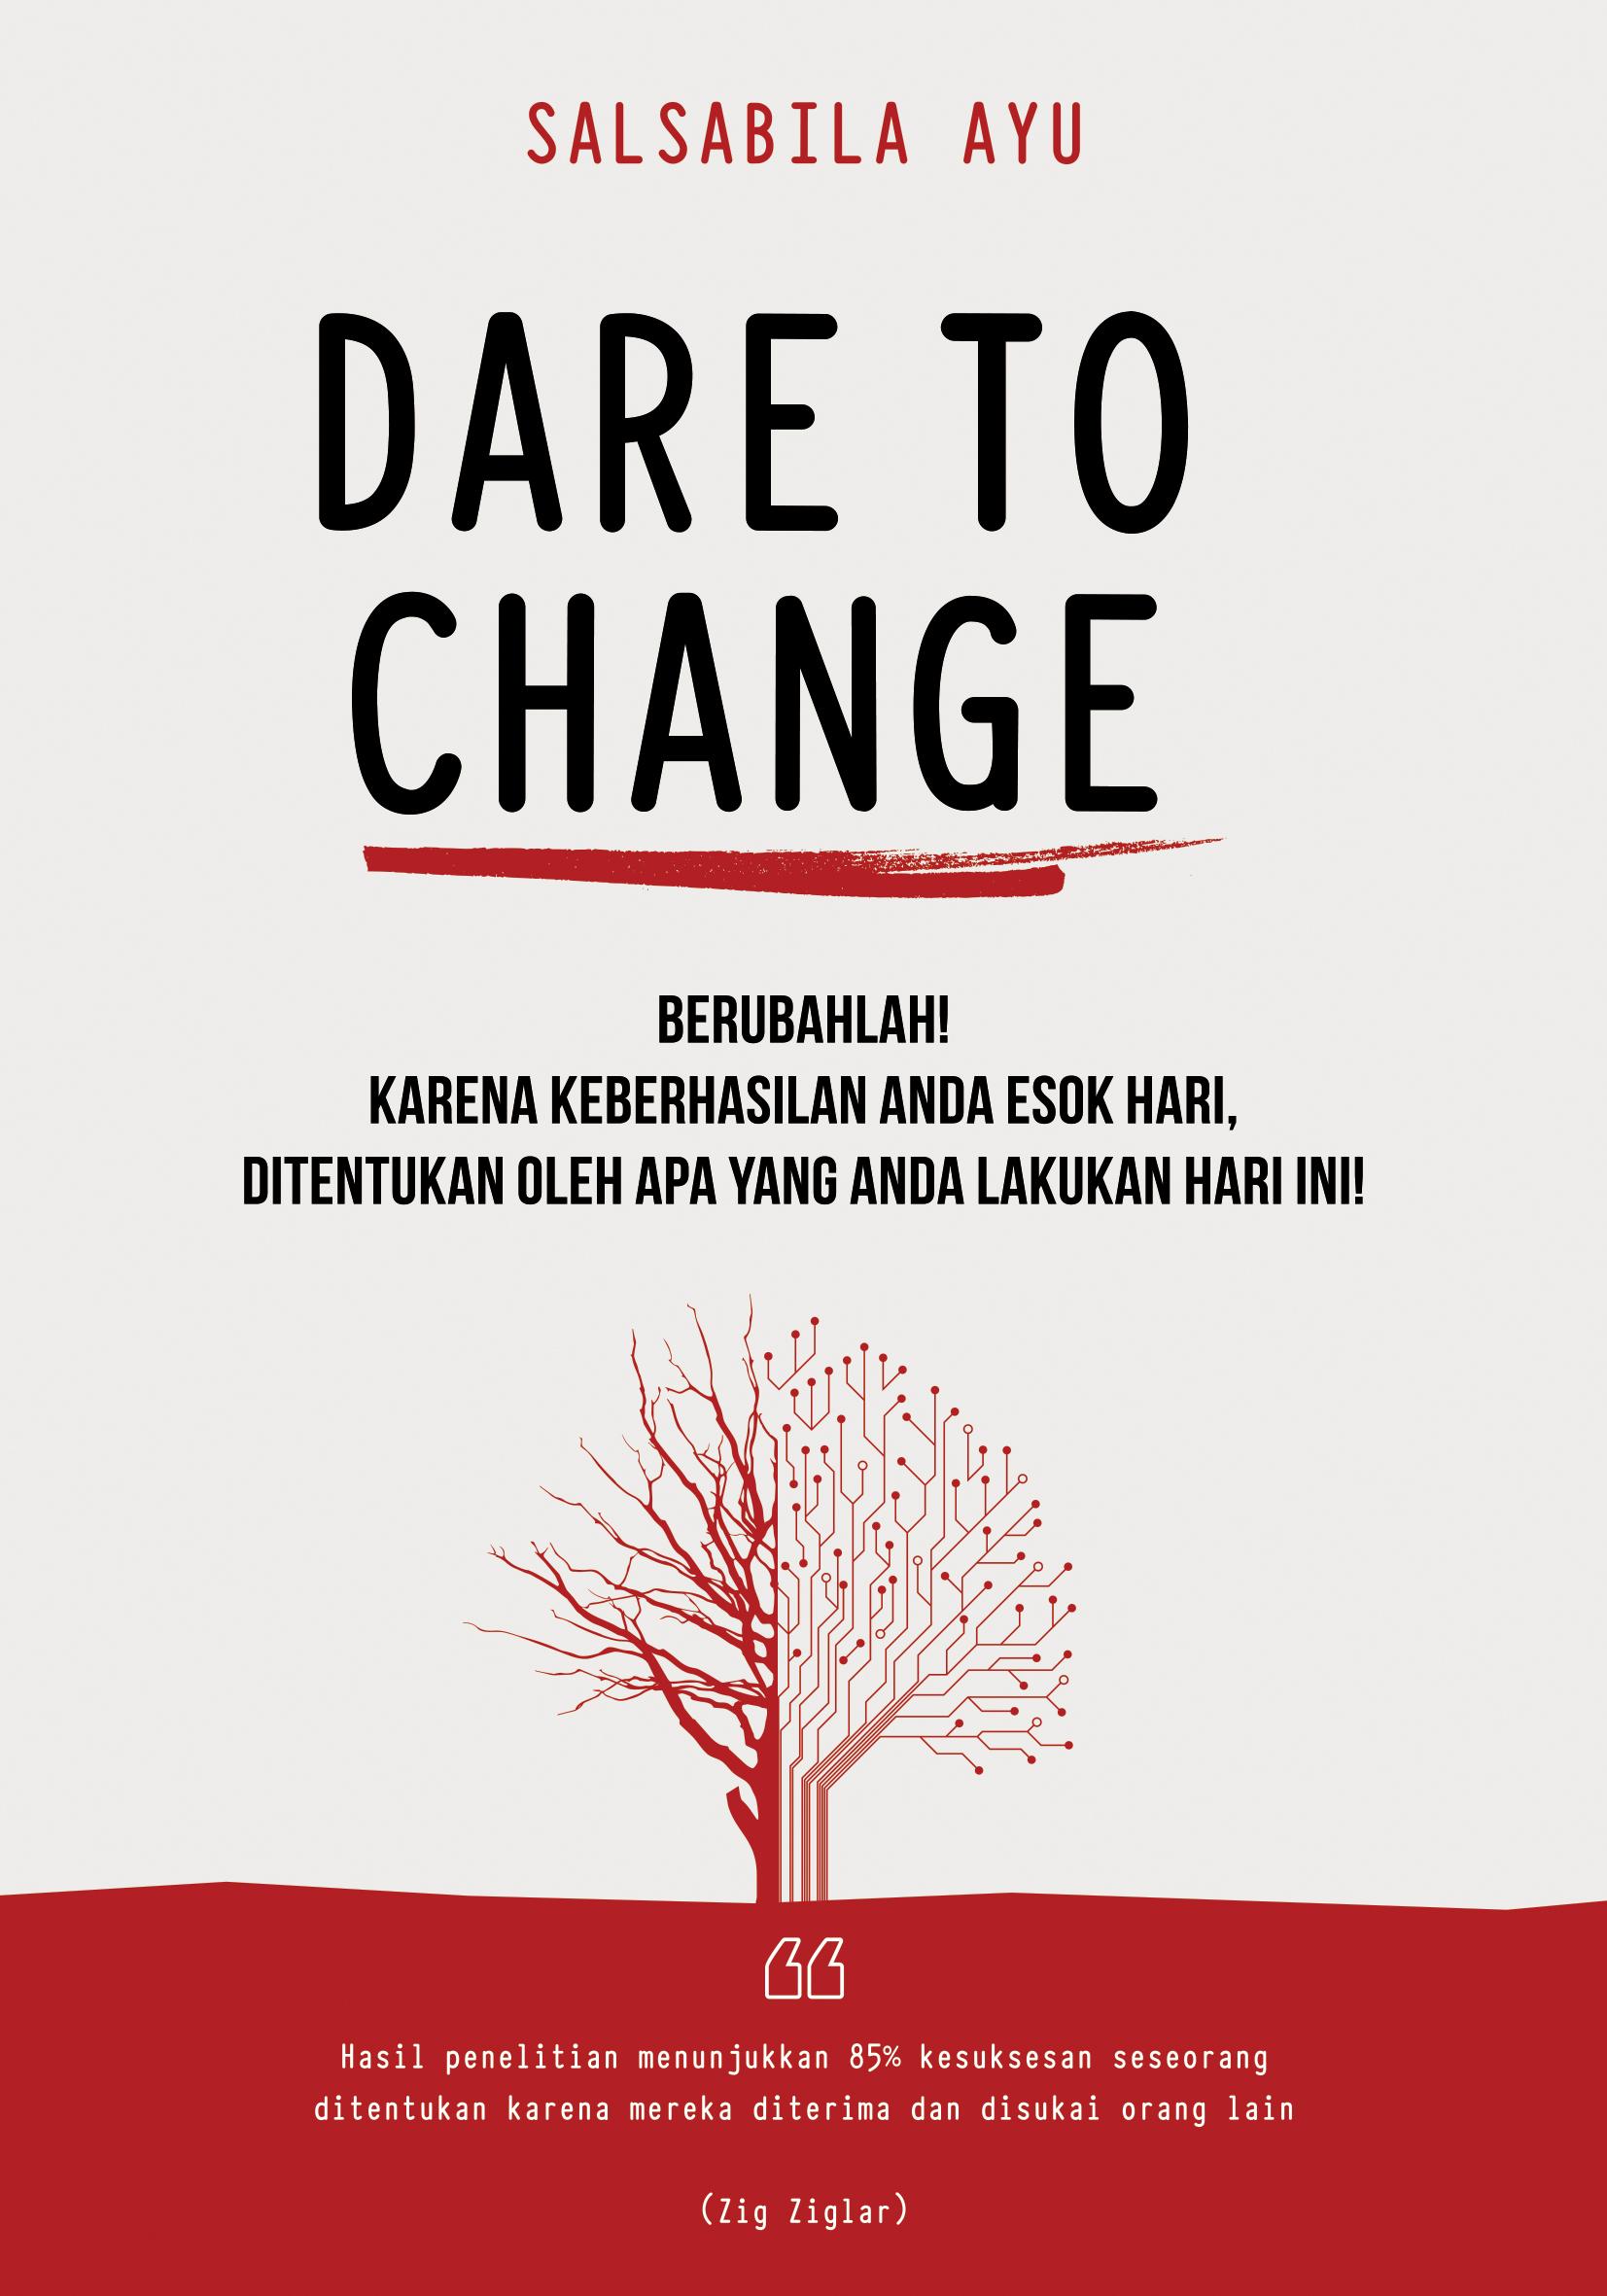 Dare to change [sumber elektronis] : berubahlah! karena keberhasilan anda esok hari, ditentukan oleh apa yang anda lakukan hari ini!